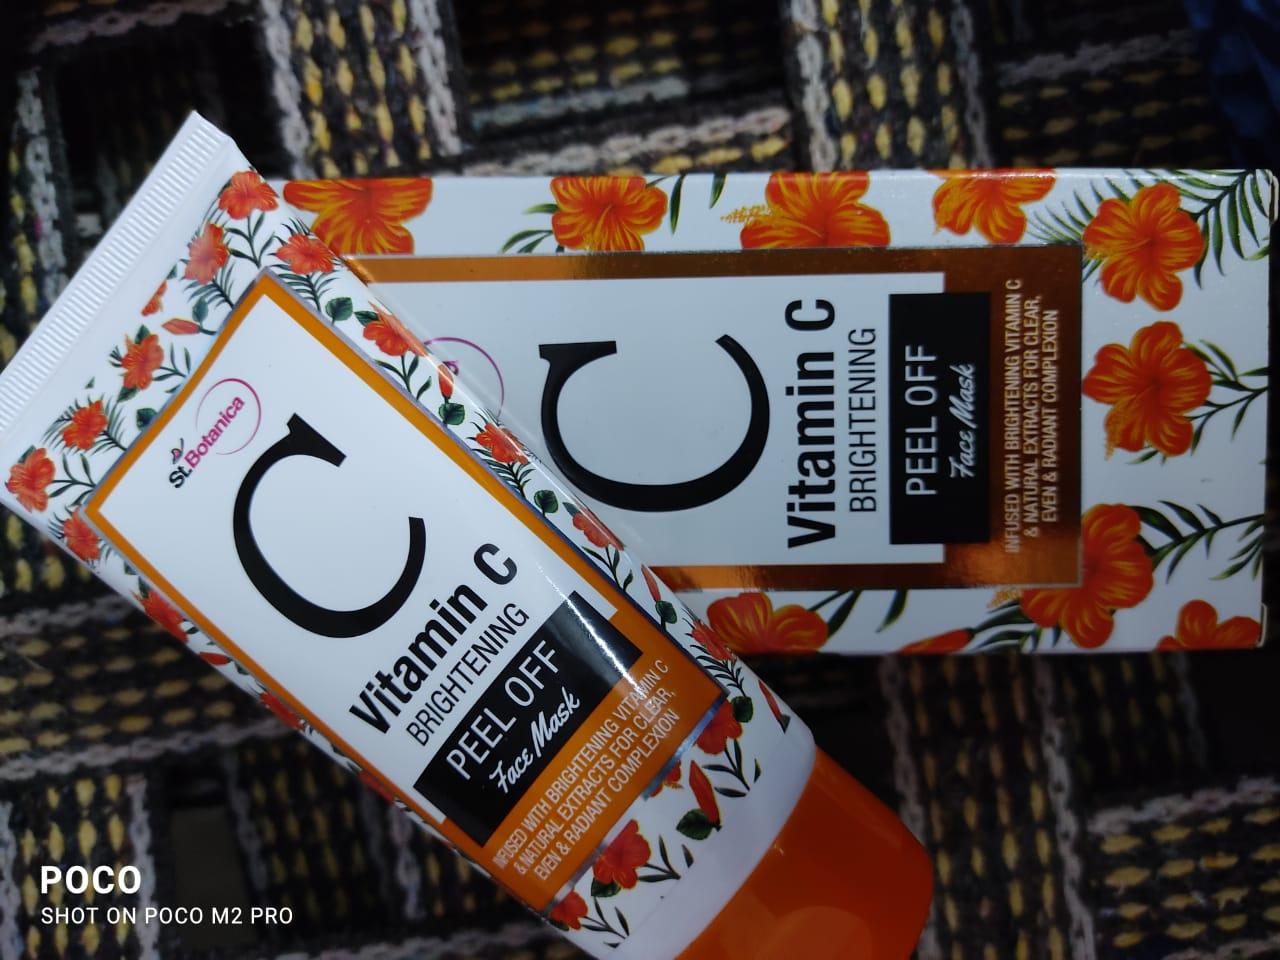 St.Botanica Vitamin C Brightening Peel Off Mask-Brightening Vitamin C Peel Off Mask-By aparna_pavan-2